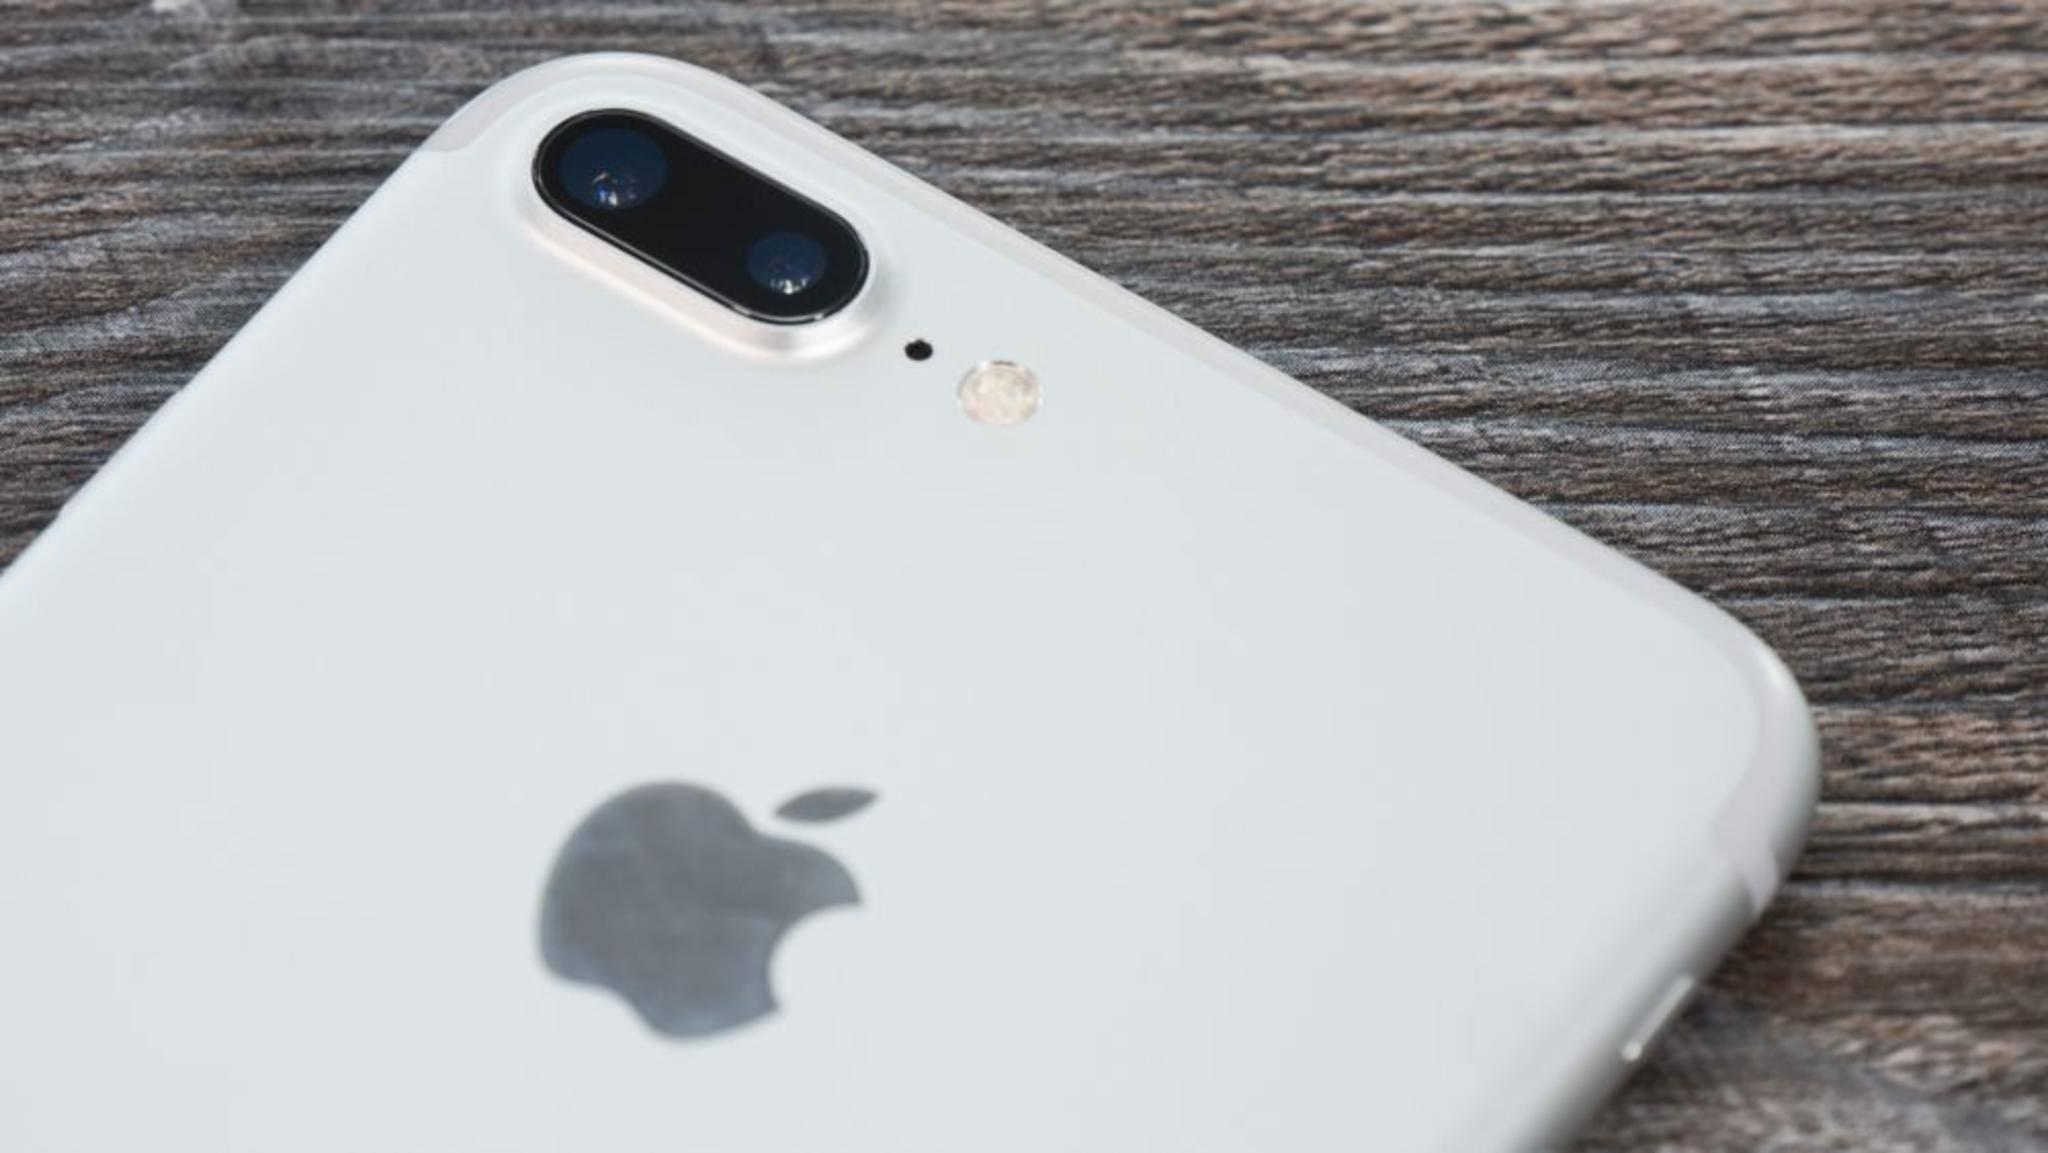 Auch das Galaxy S8 könnte eine Dual-Cam erhalten – wie das iPhone 7 Plus.